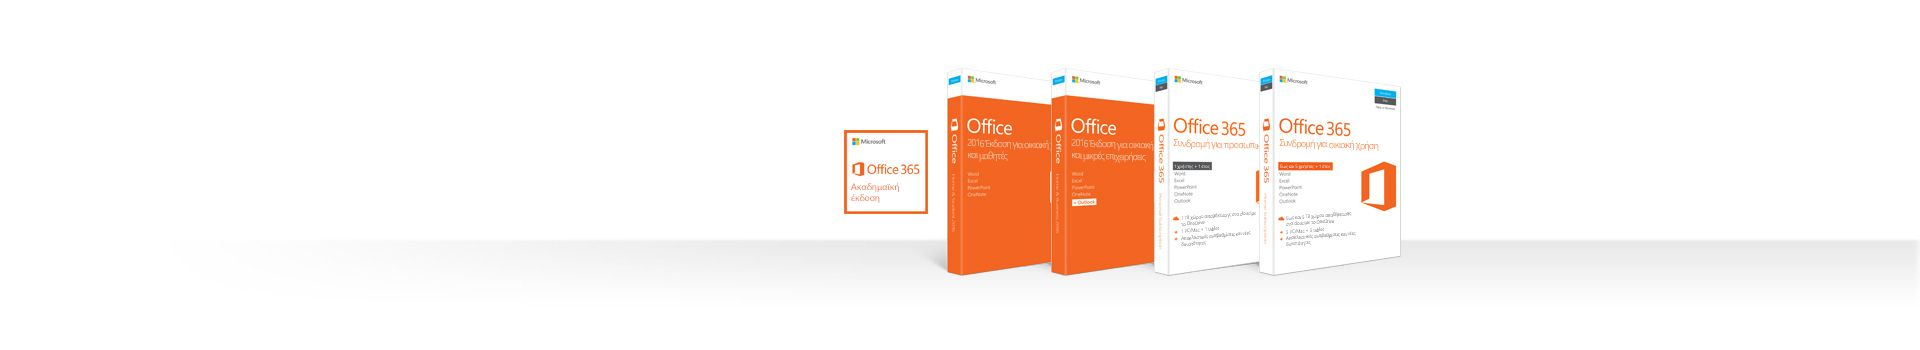 Μια σειρά από κουτιά προϊόντων του Office 2016 και του Office 365 για Mac